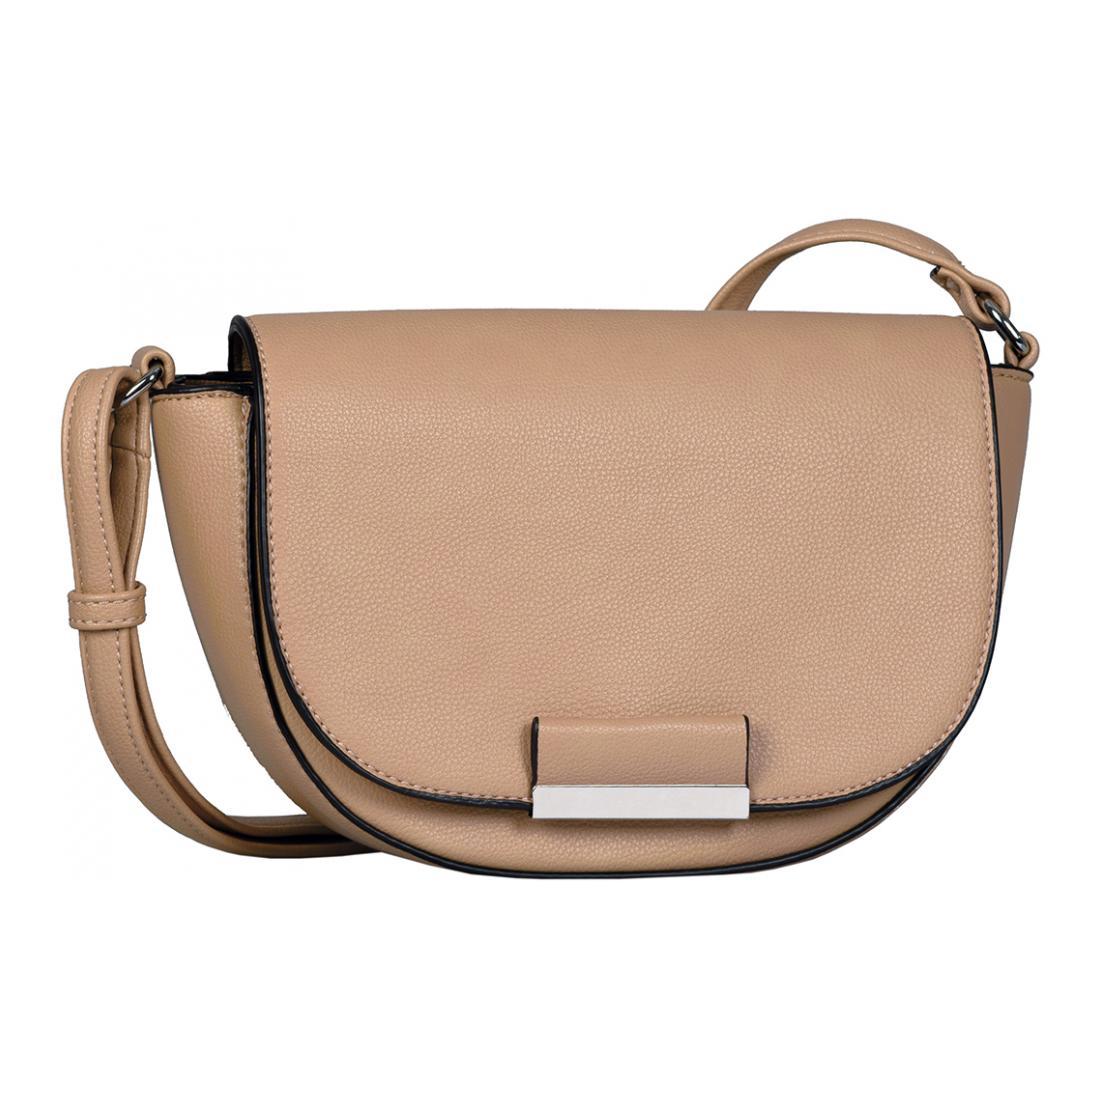 Tom Tailor Tasche MADRID Flap bag